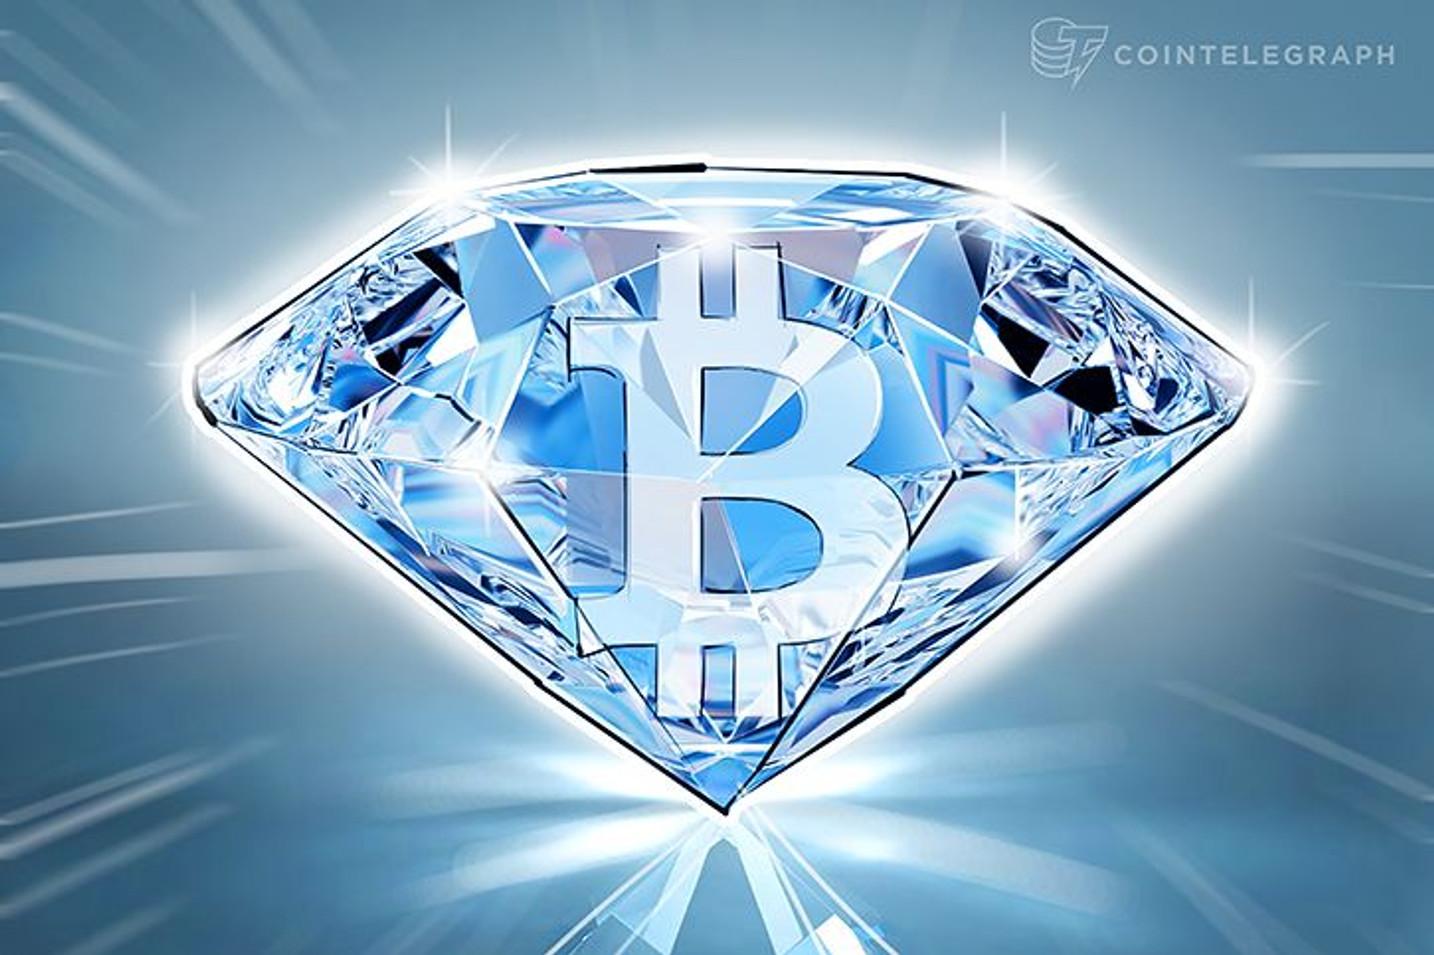 Kanadisches Diamant-Abbauunternehmen will Blockchain nutzen